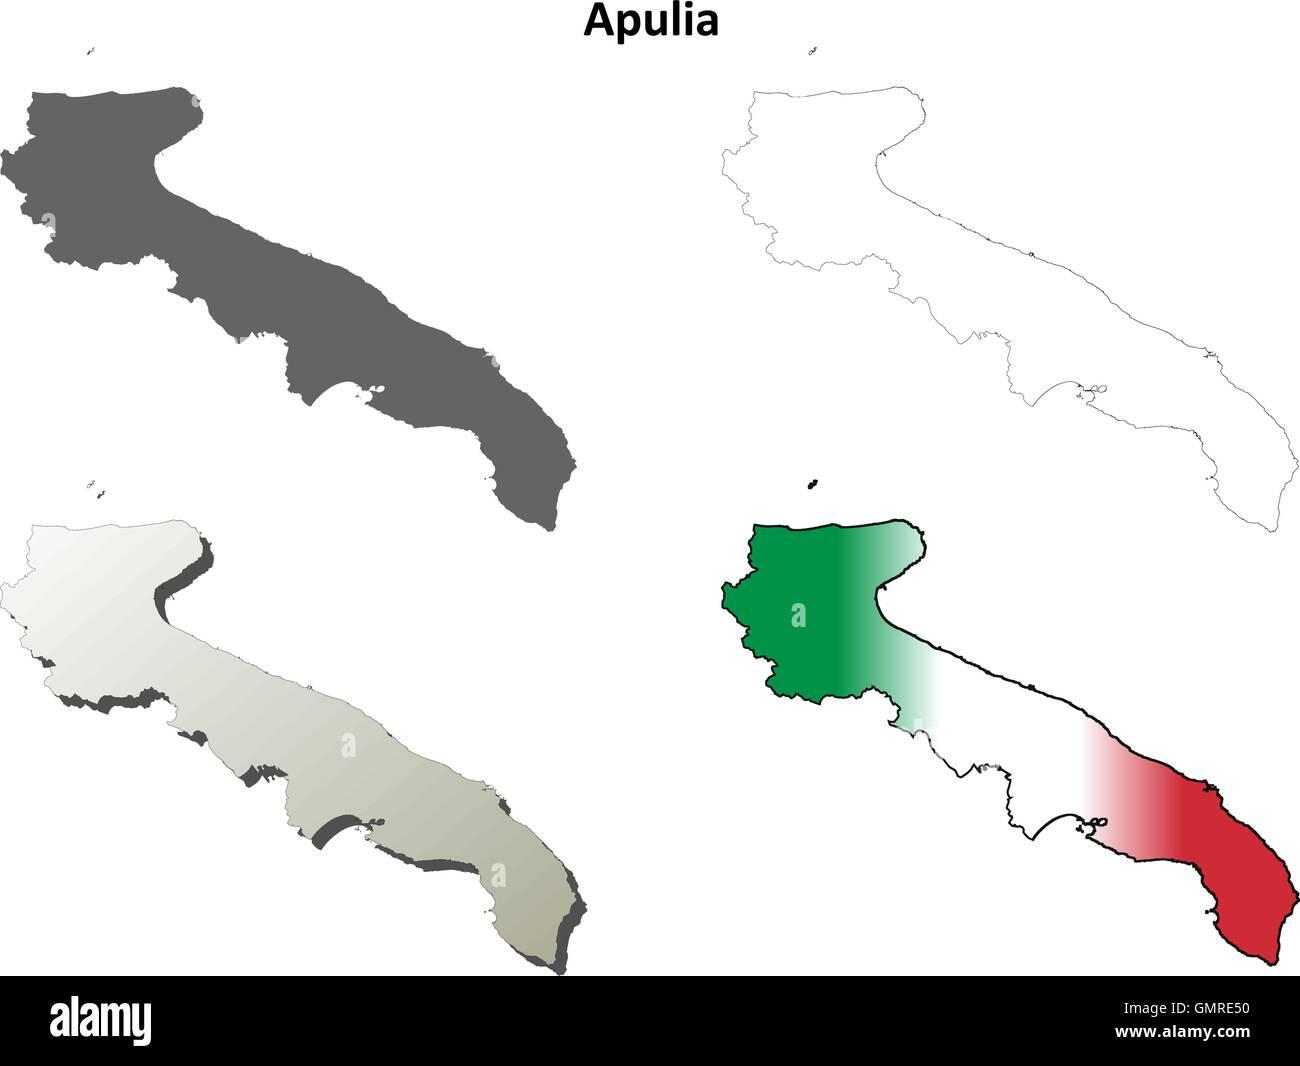 Cartina Dettagliata Puglia.Puglia Blank Dettagliata Mappa Di Contorno Impostato Immagine E Vettoriale Alamy